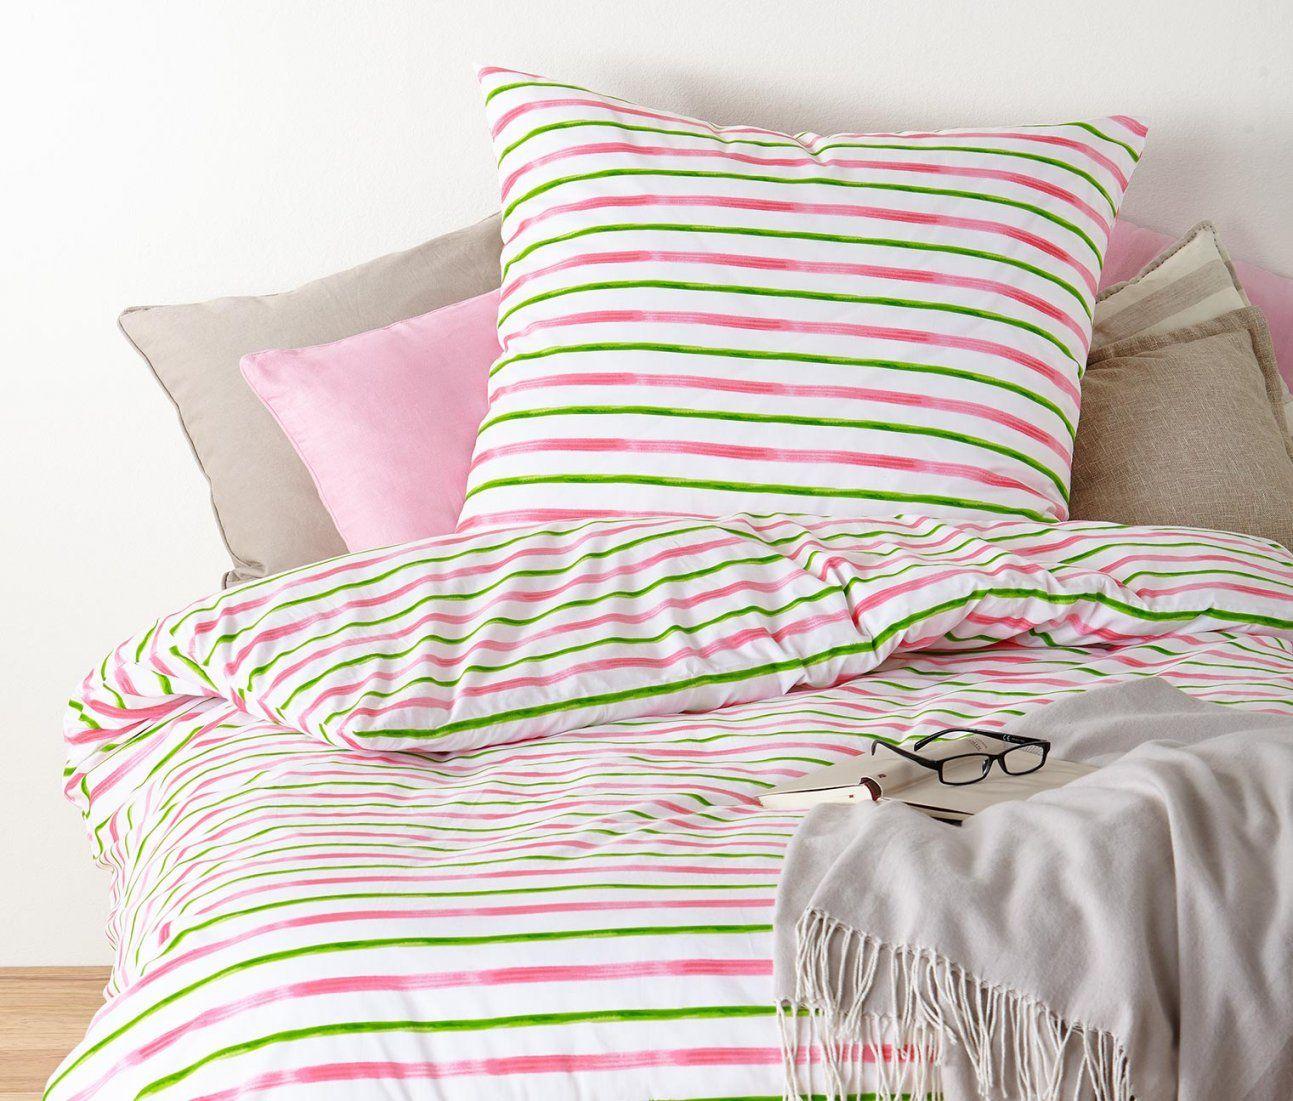 Perkalbettwäsche Übergröße Online Bestellen Bei Tchibo 323095 von Übergröße Bettwäsche Maße Photo